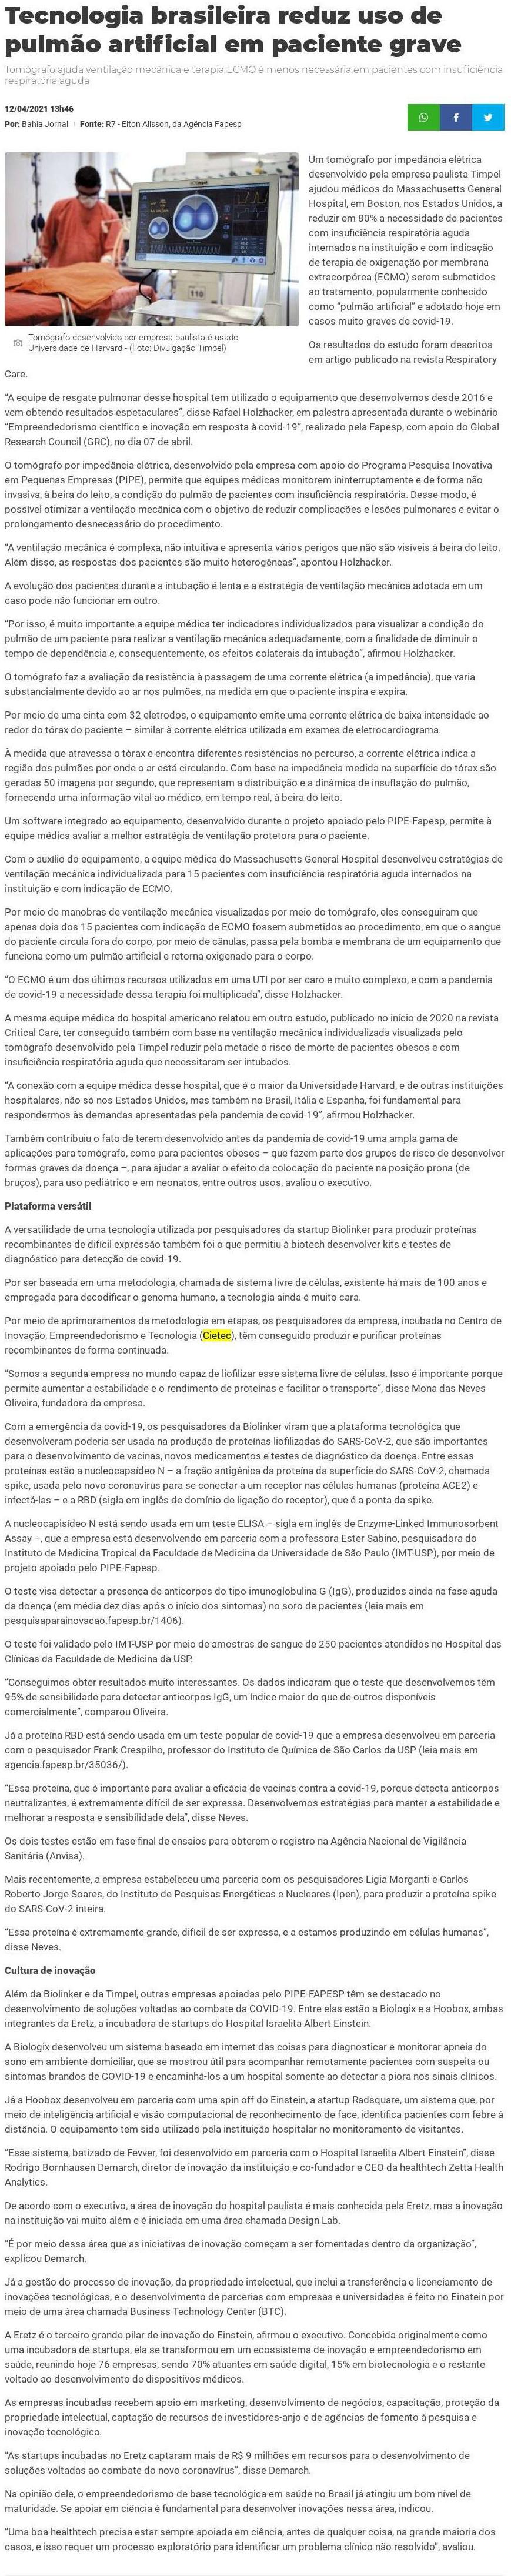 Tecnologia brasileira reduz uso de pulmão artificial em paciente grave - Bahia Jornal